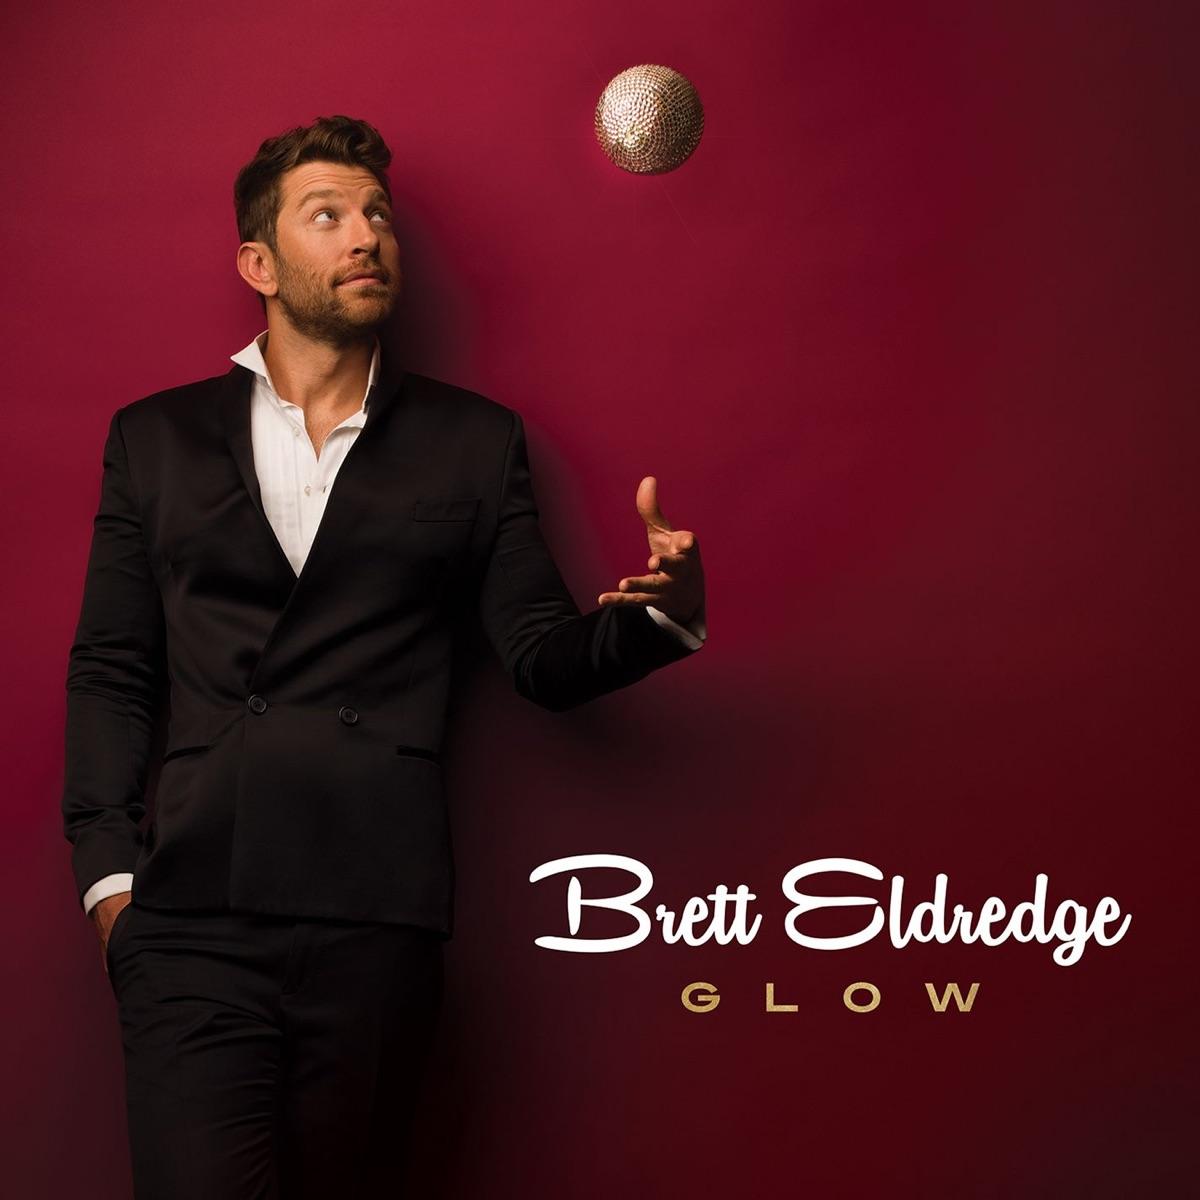 Glow Brett Eldredge CD cover